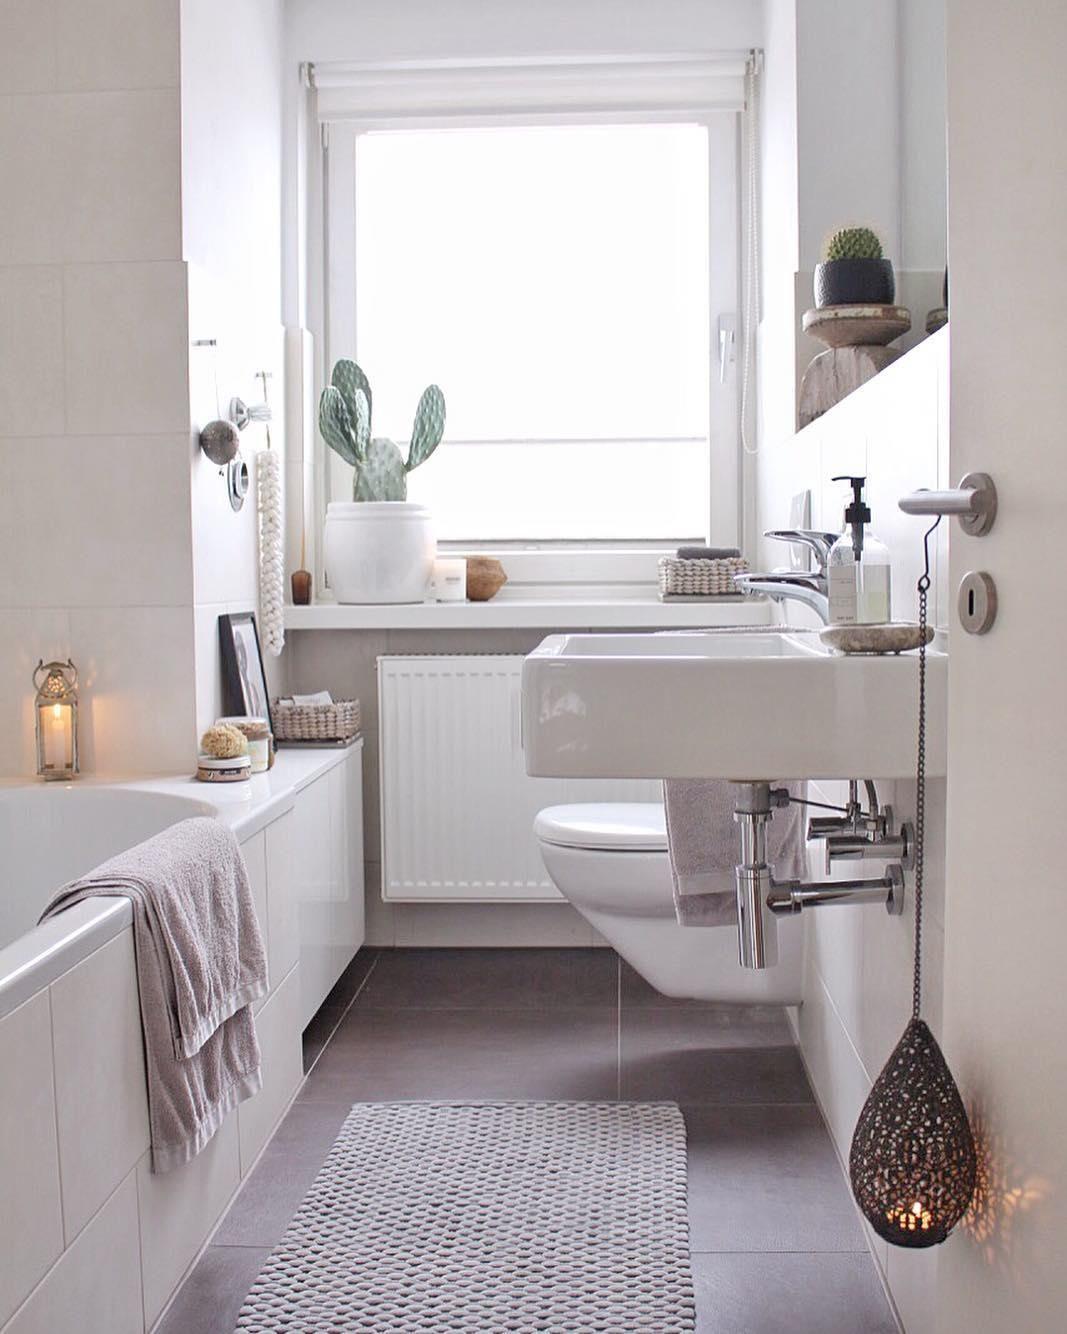 Dieses Badezimmer Ist Einfach Nur Wow Wunderschone Fliesen Einzigartige Dekoration Ganz Viel T Badezimmer Dekor Badezimmer Renovieren Dekoration Badezimmer